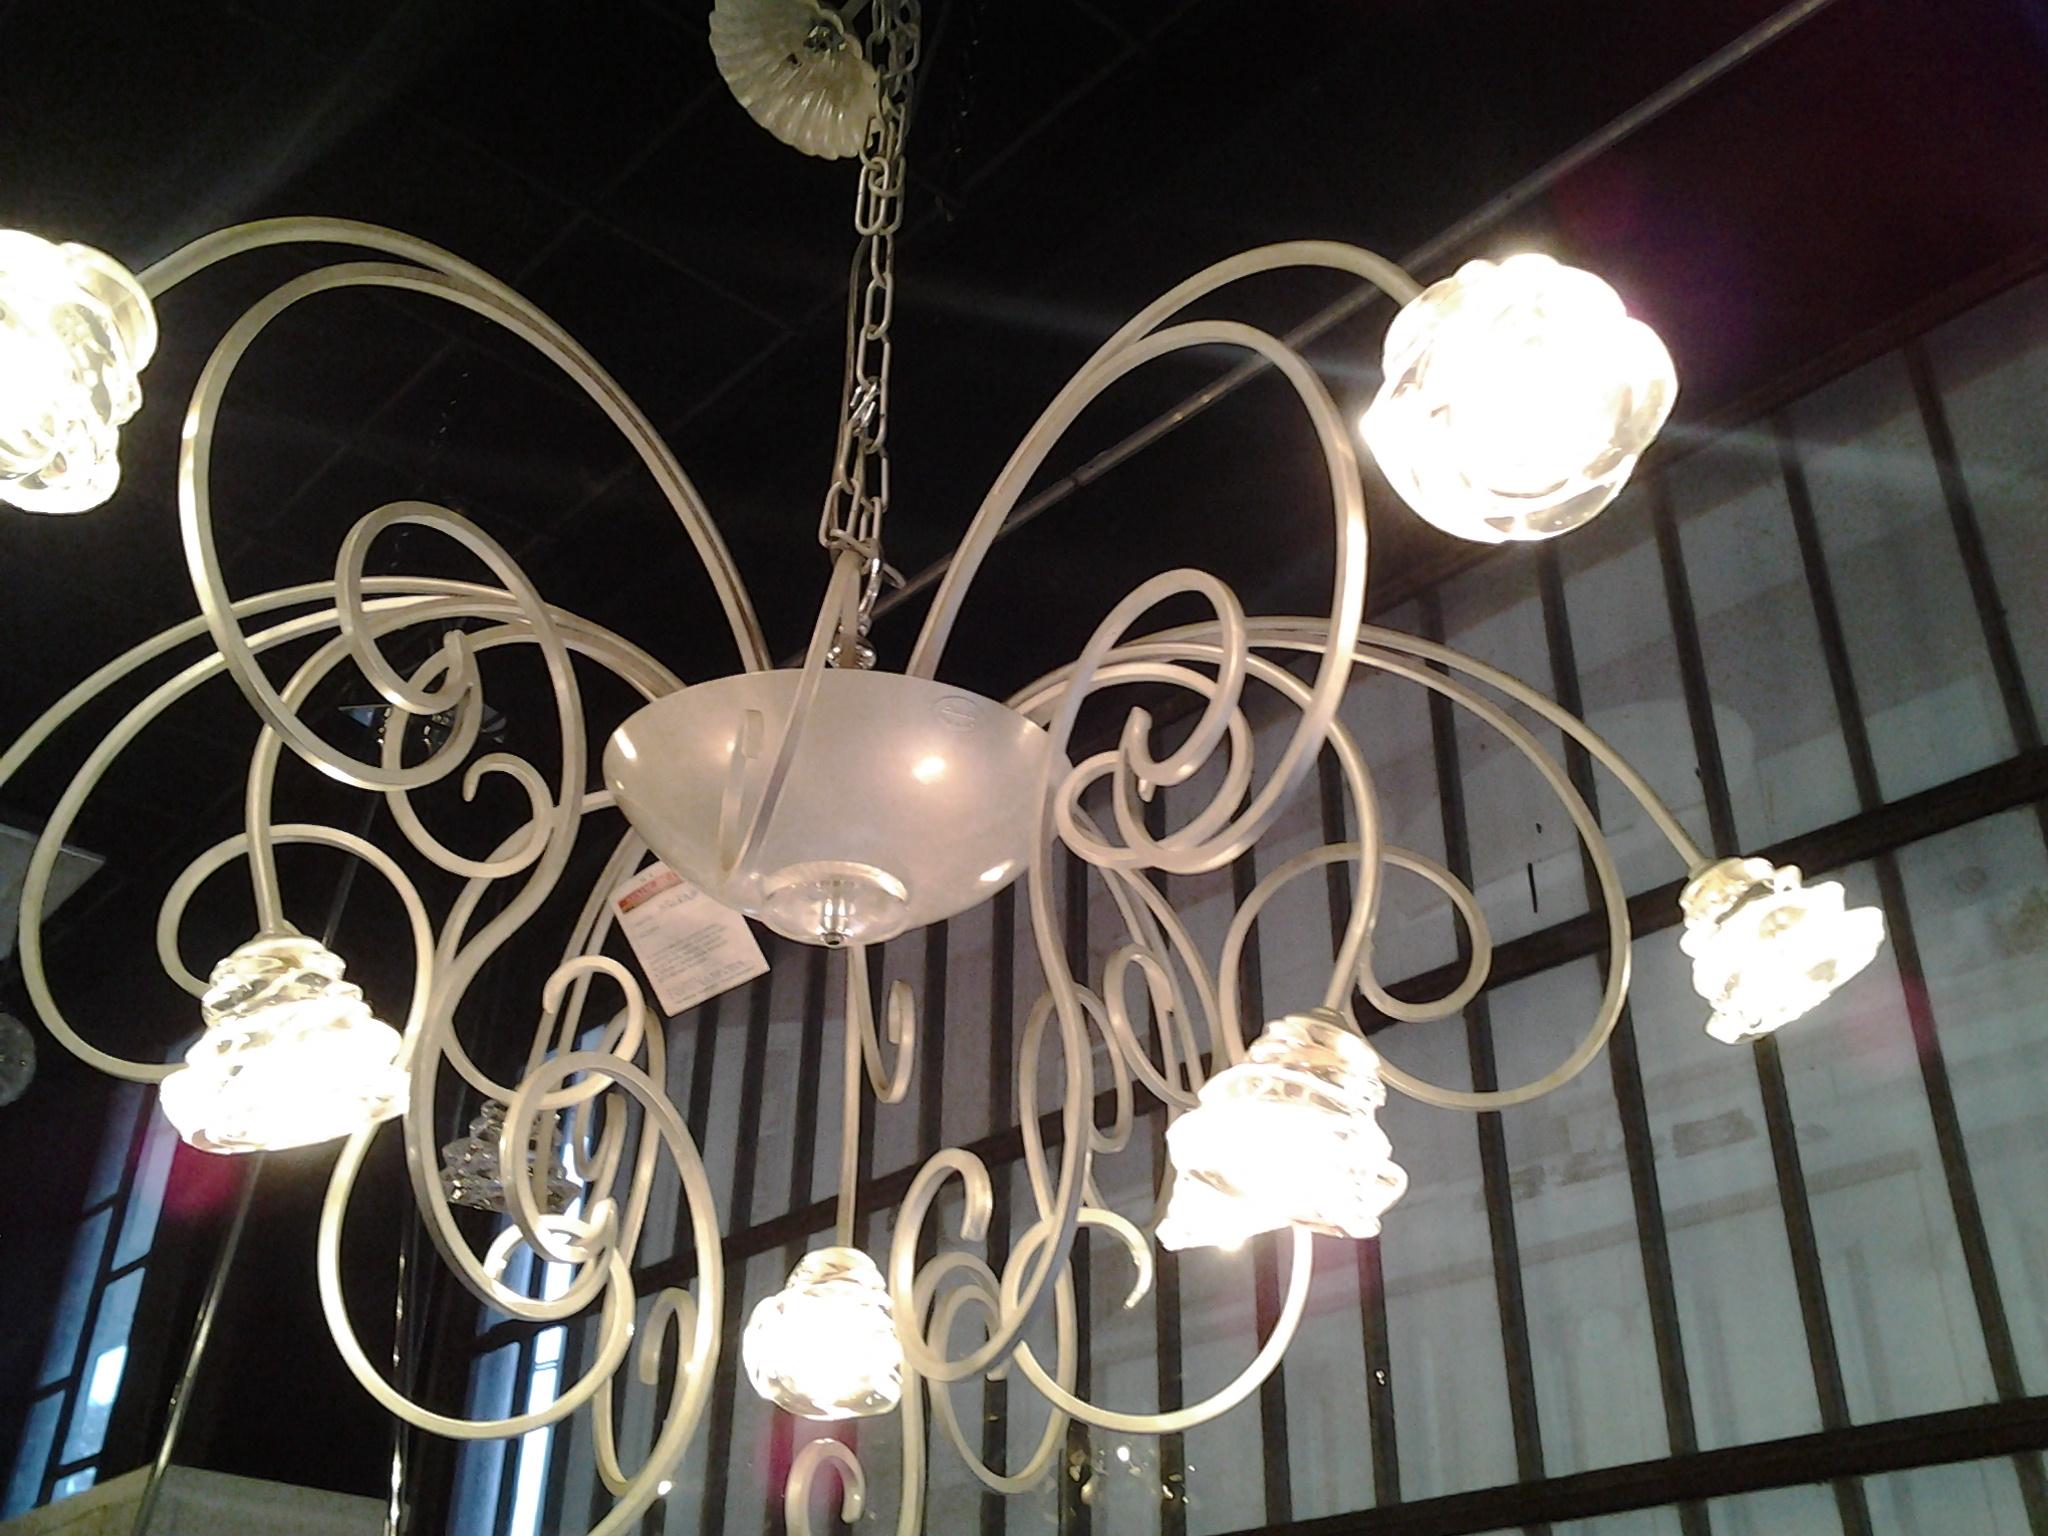 Illuminazione ego zeroventiquattro lampadario chandelier ls900 ...